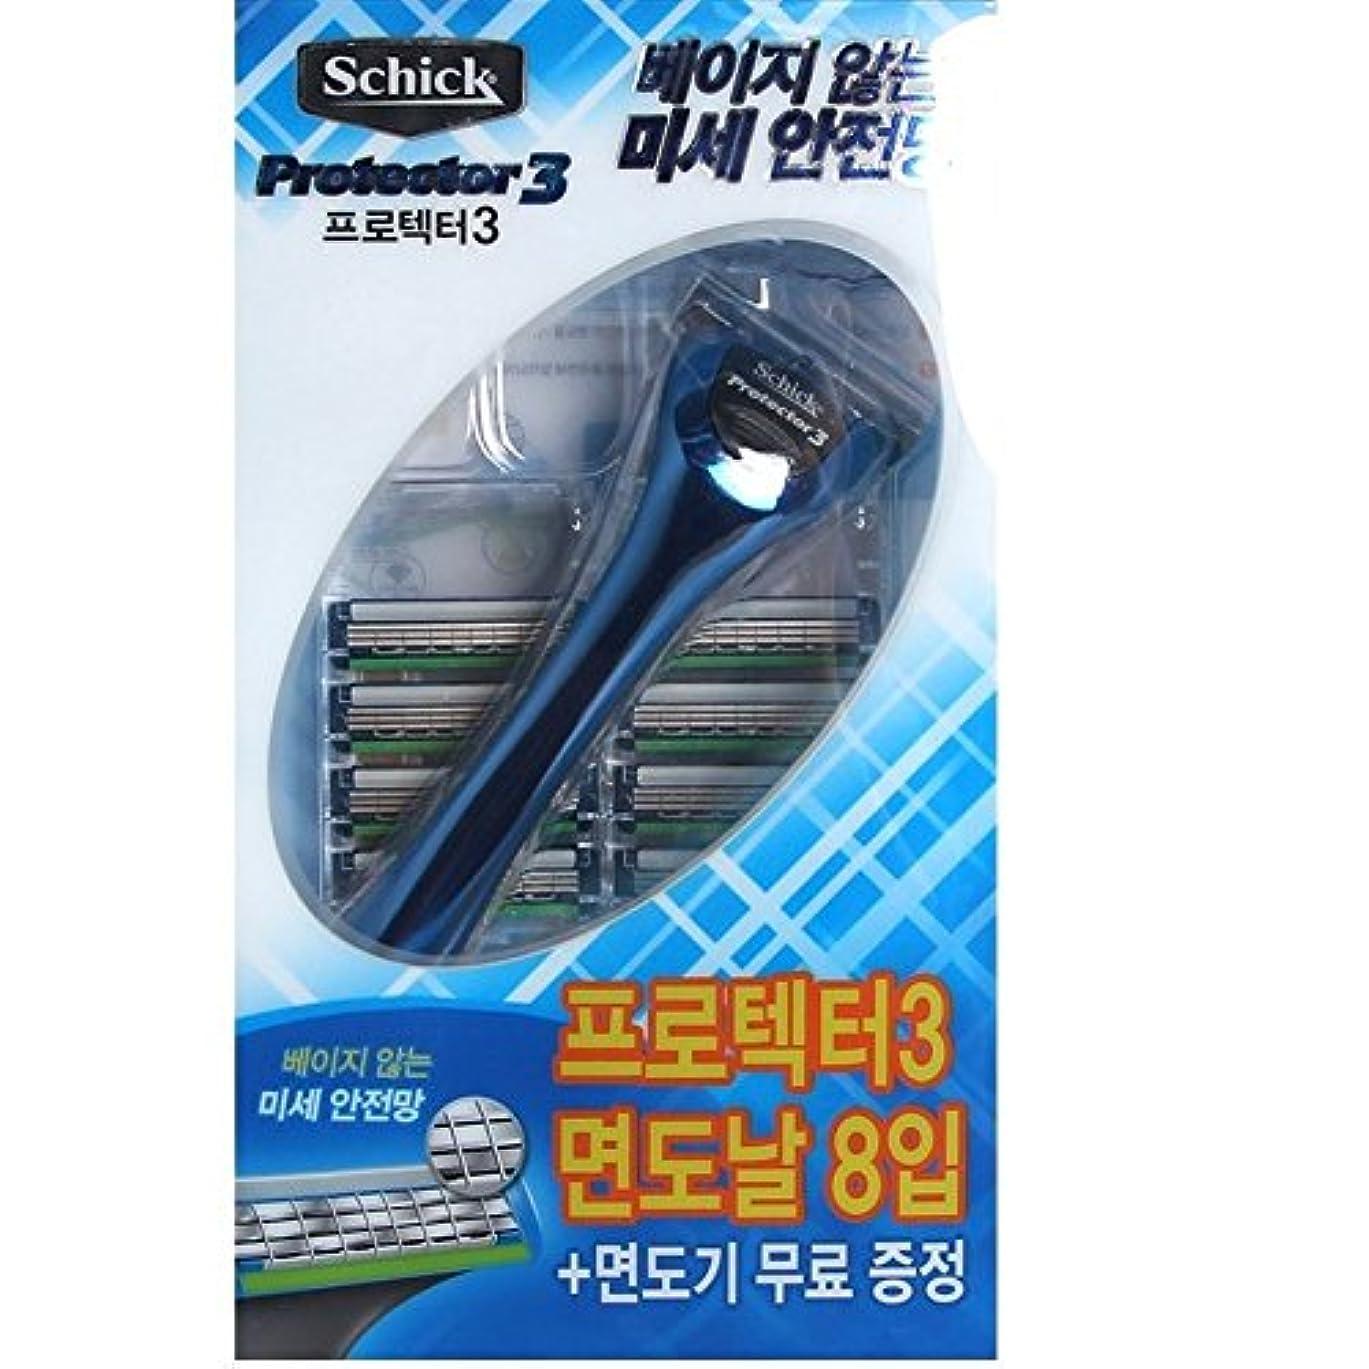 プレゼンオープニングこどもセンターSchick Protector3 1レイザー+9カートリッジリフィルブレイド [並行輸入品]